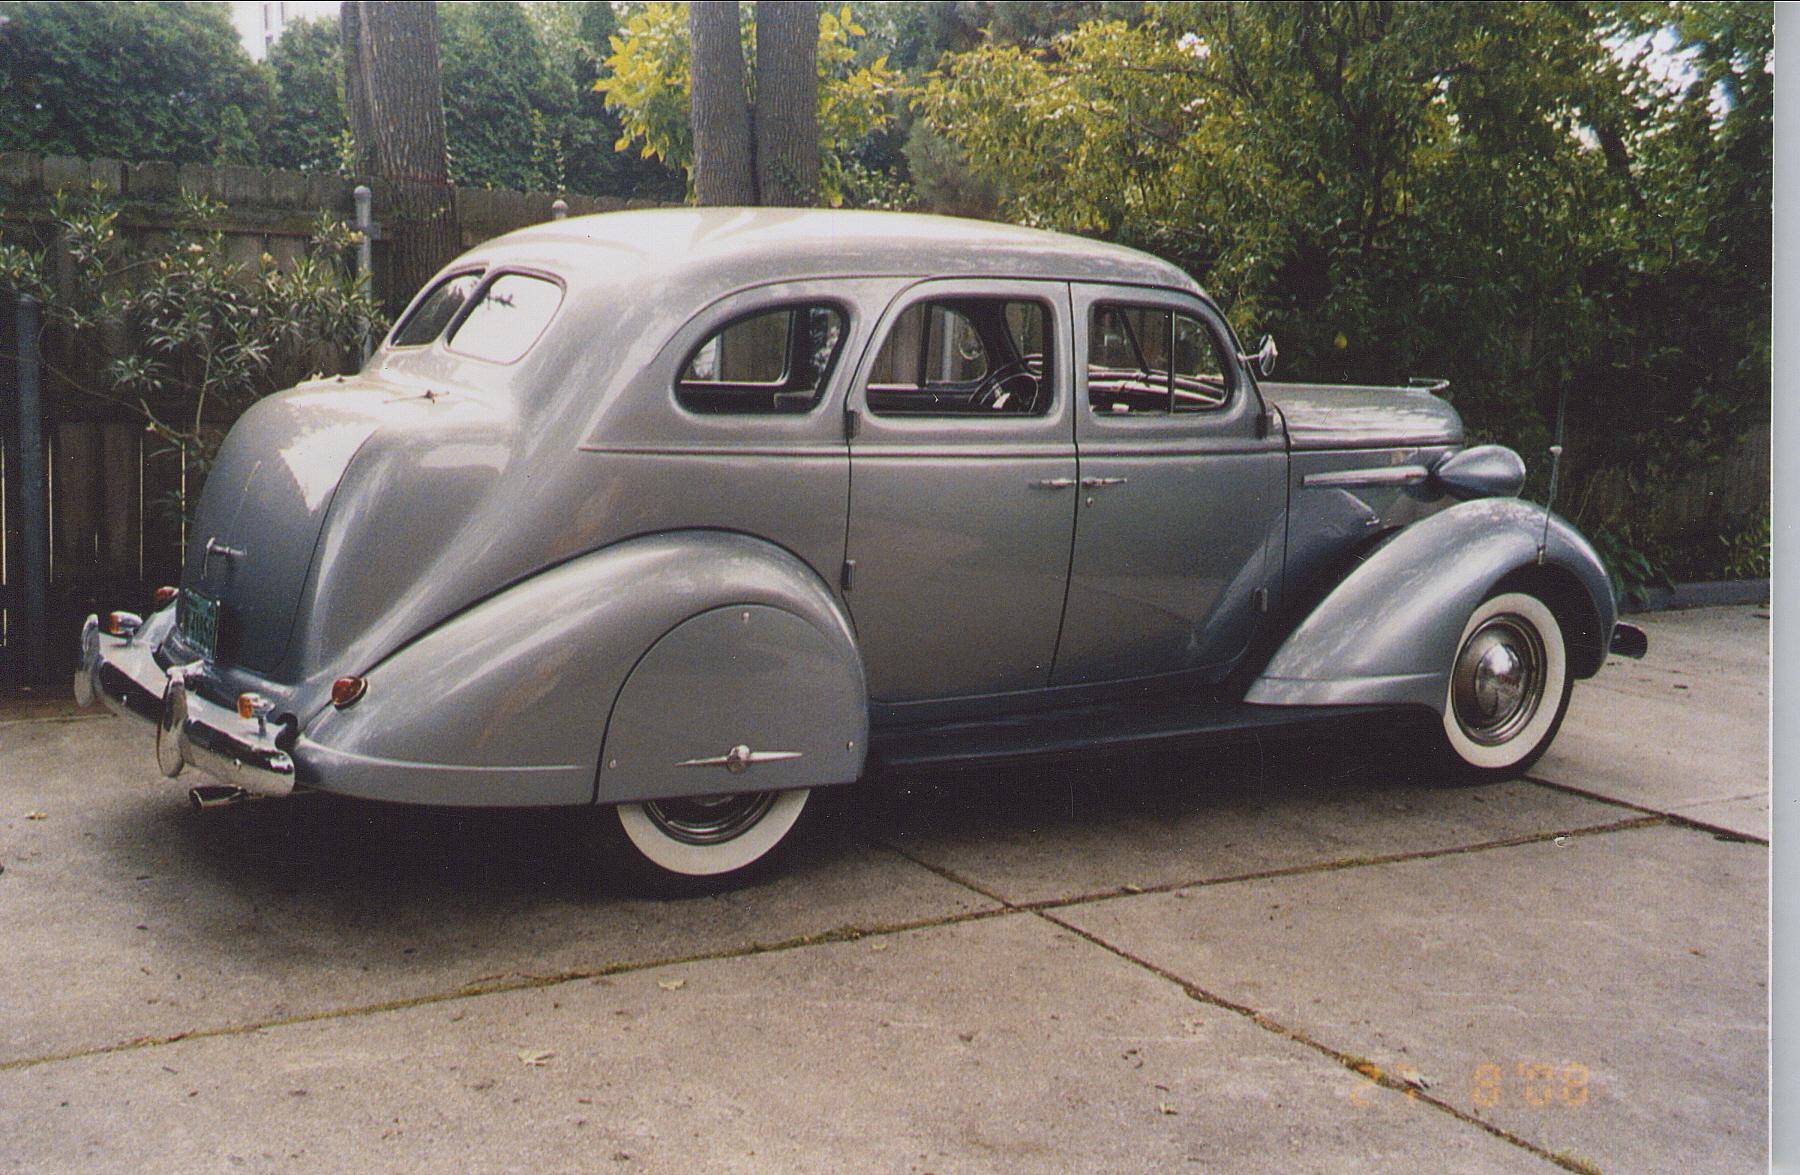 restored 1938 nash sedan rear three-quarter